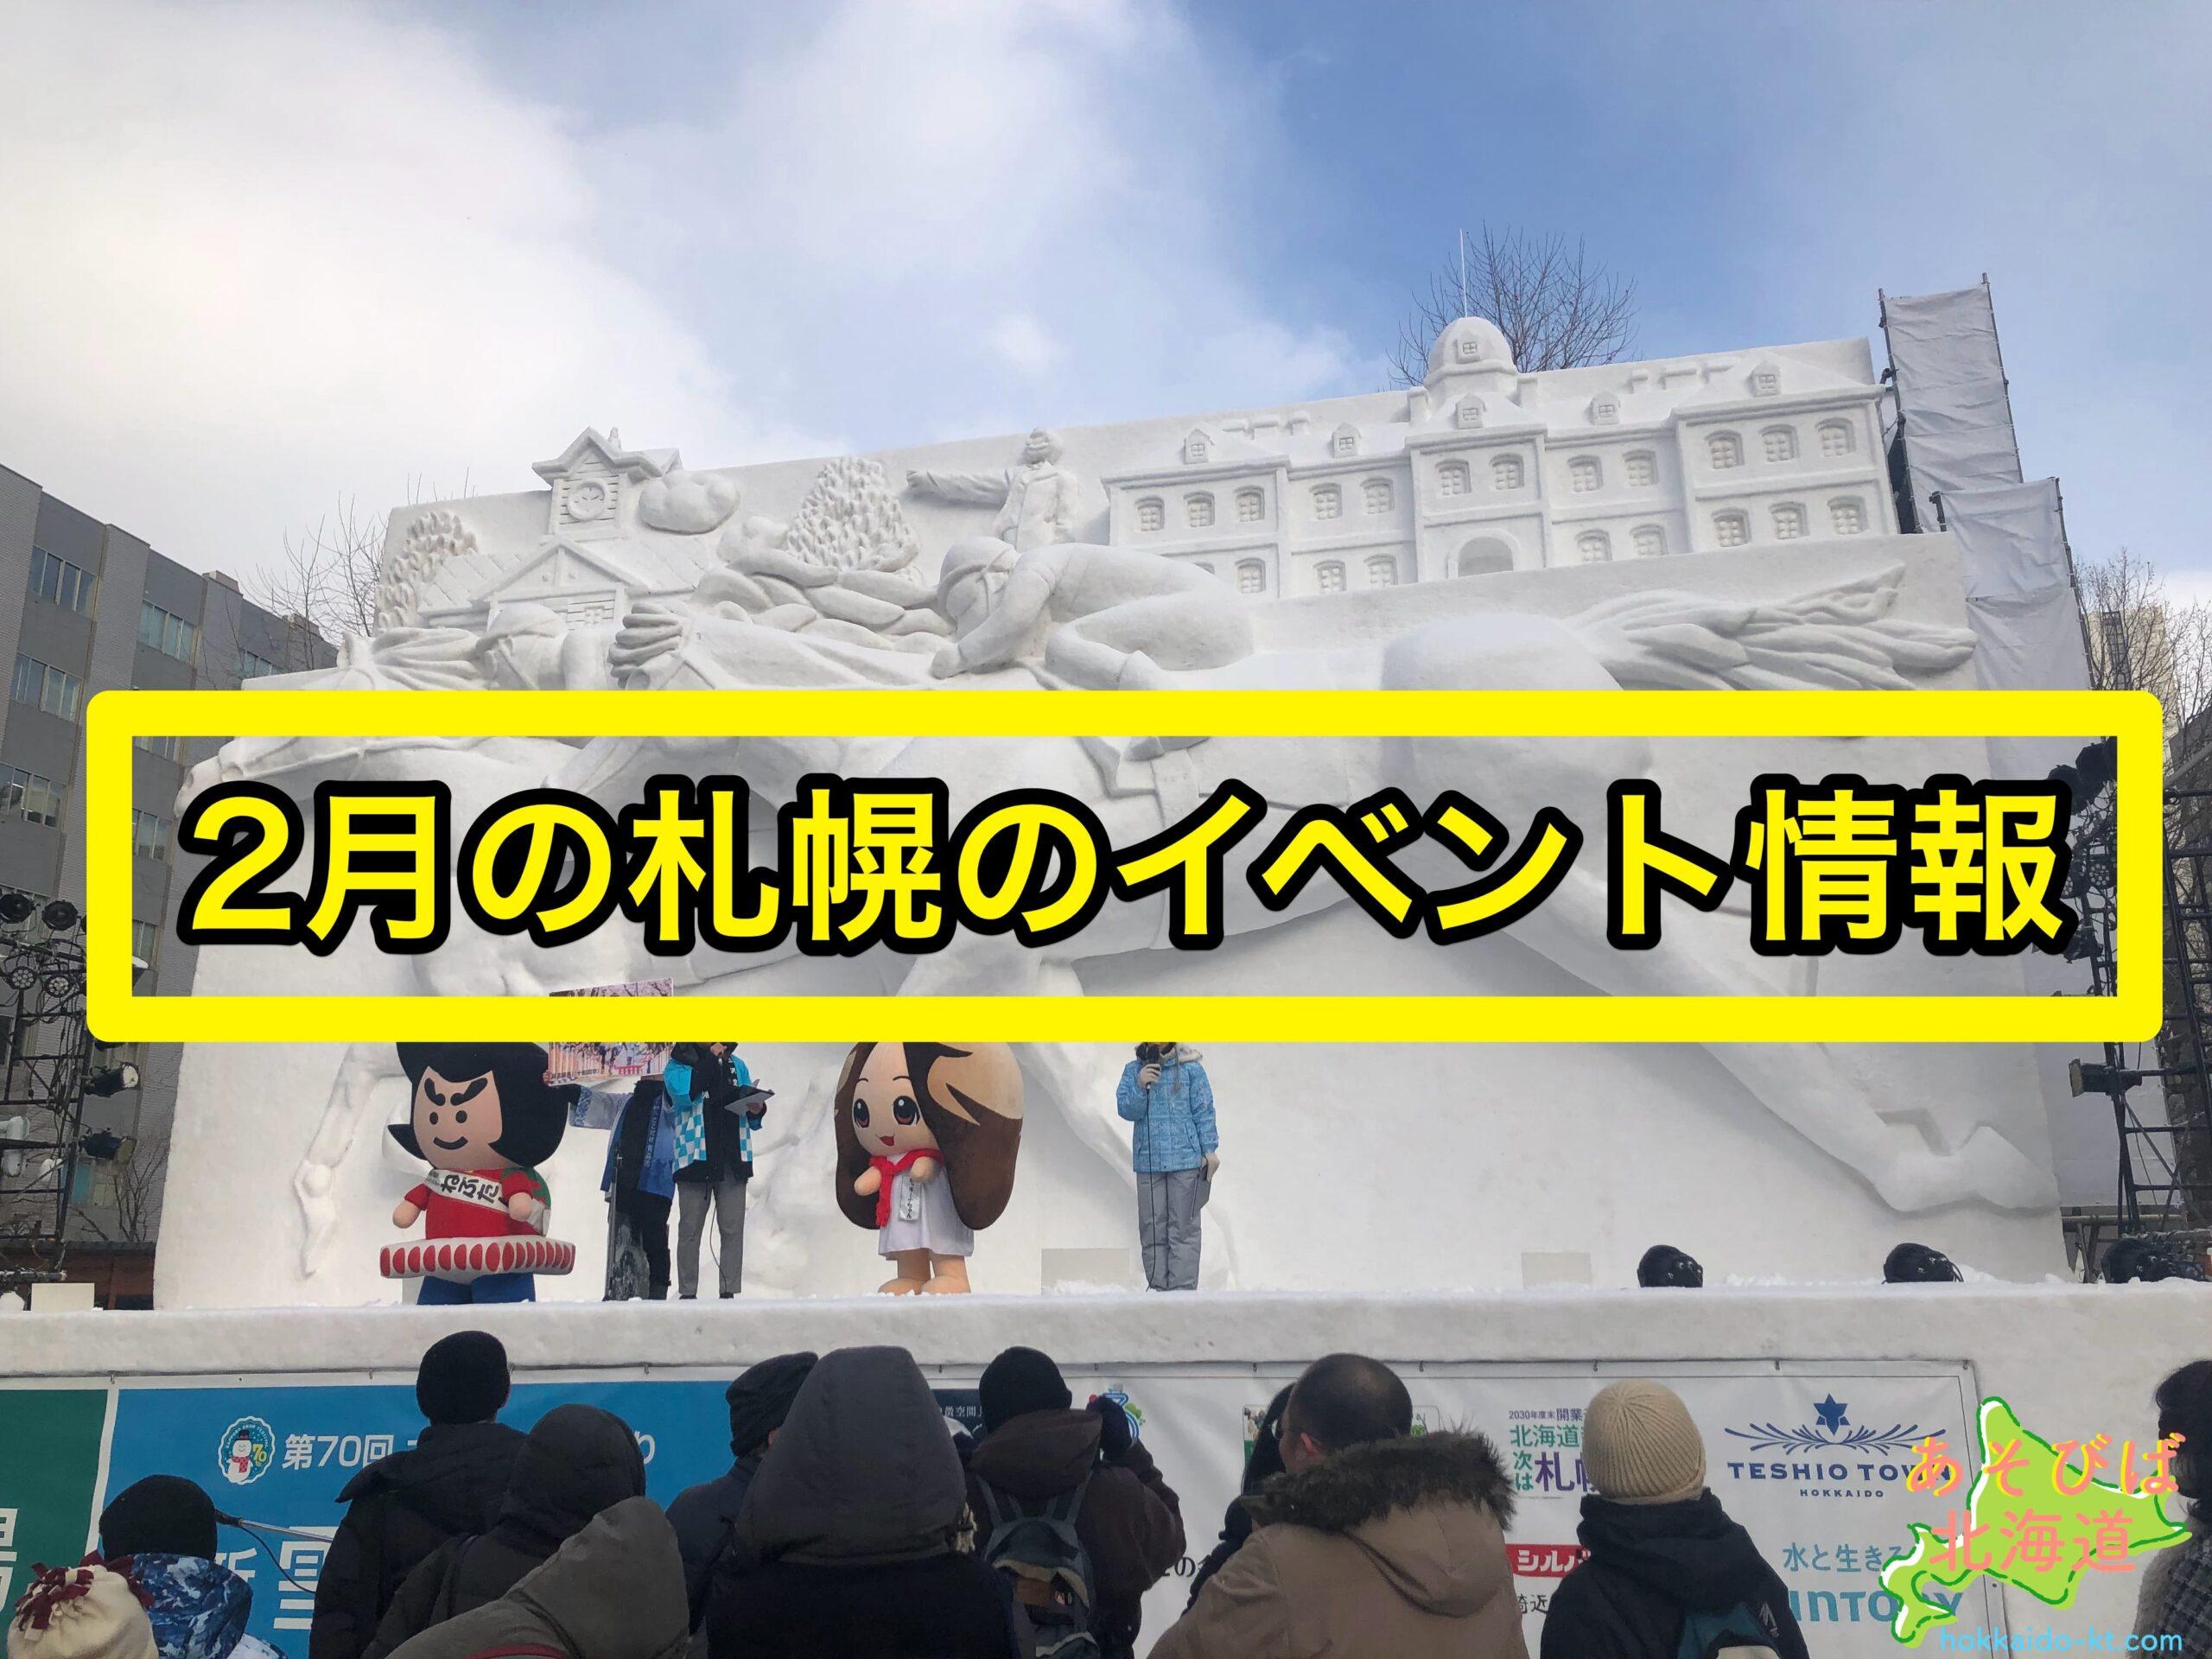 2月の札幌のイベント情報